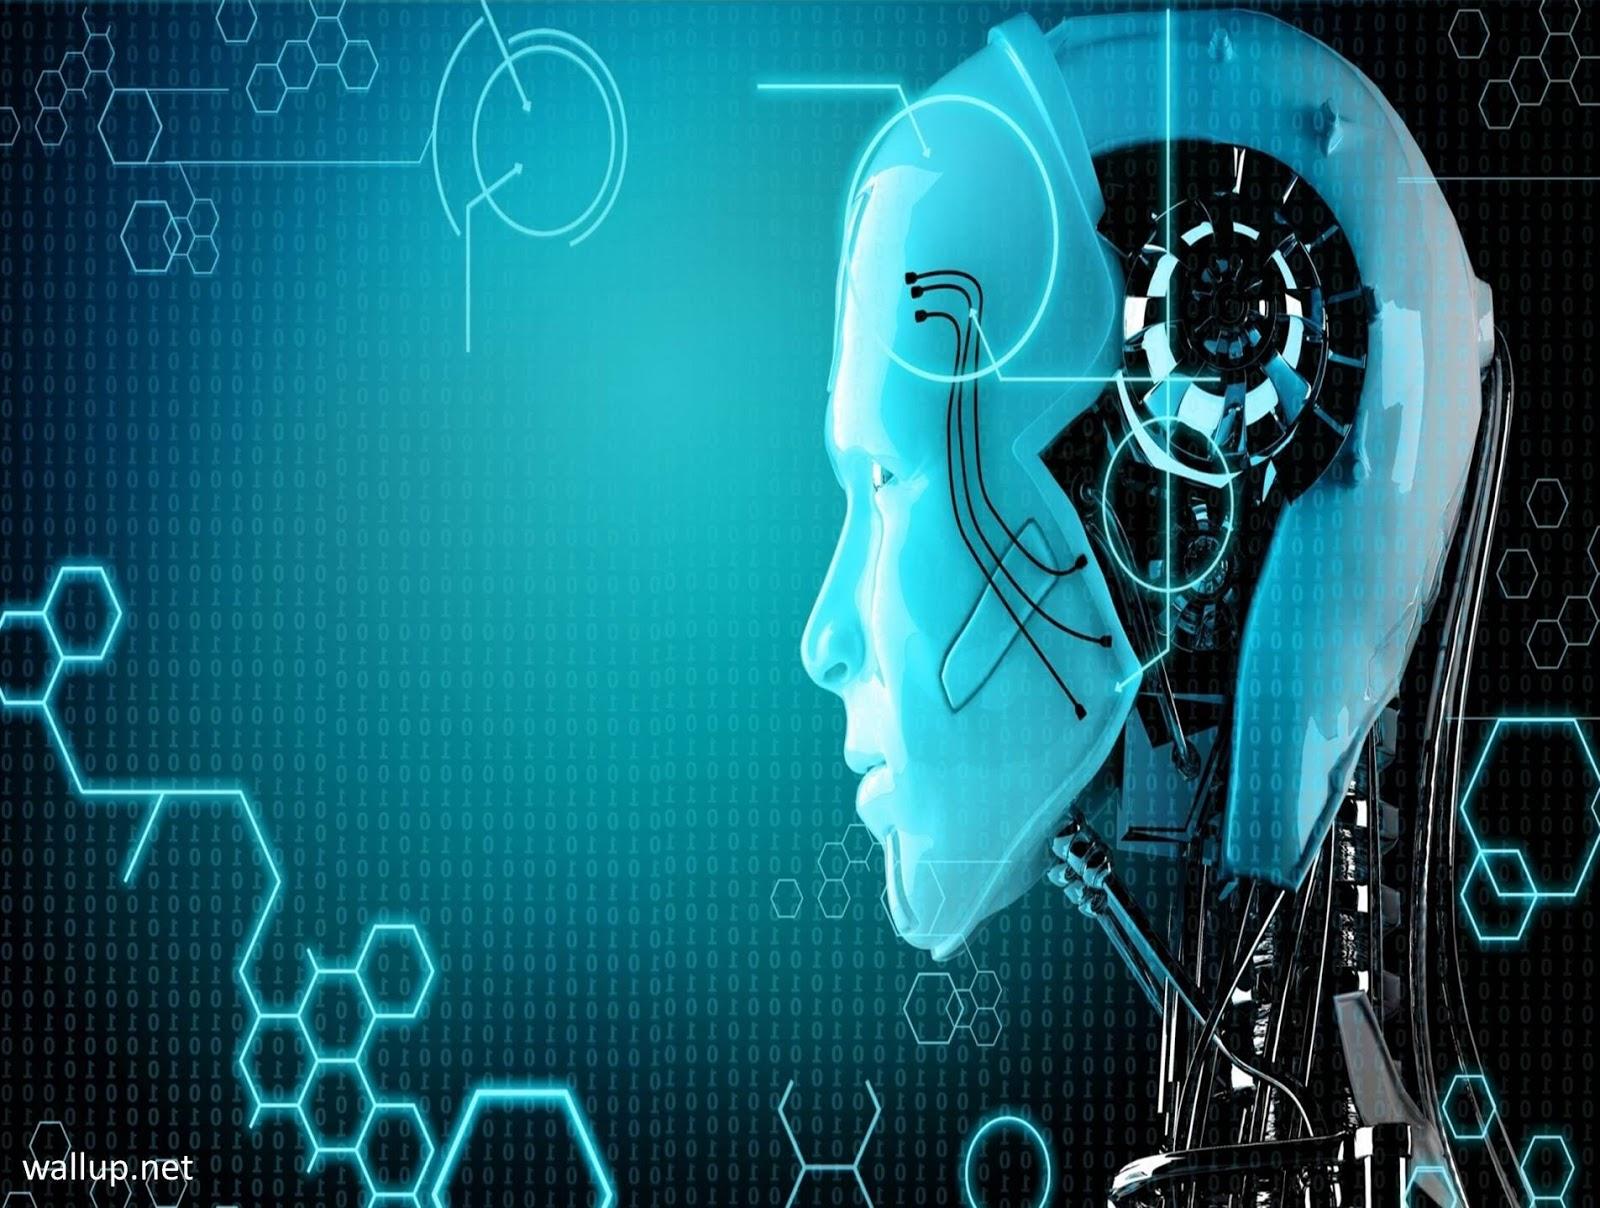 ما هو الذكّاء الاصطناعي ؟ وكيف يمكن الوصول إليه ؟